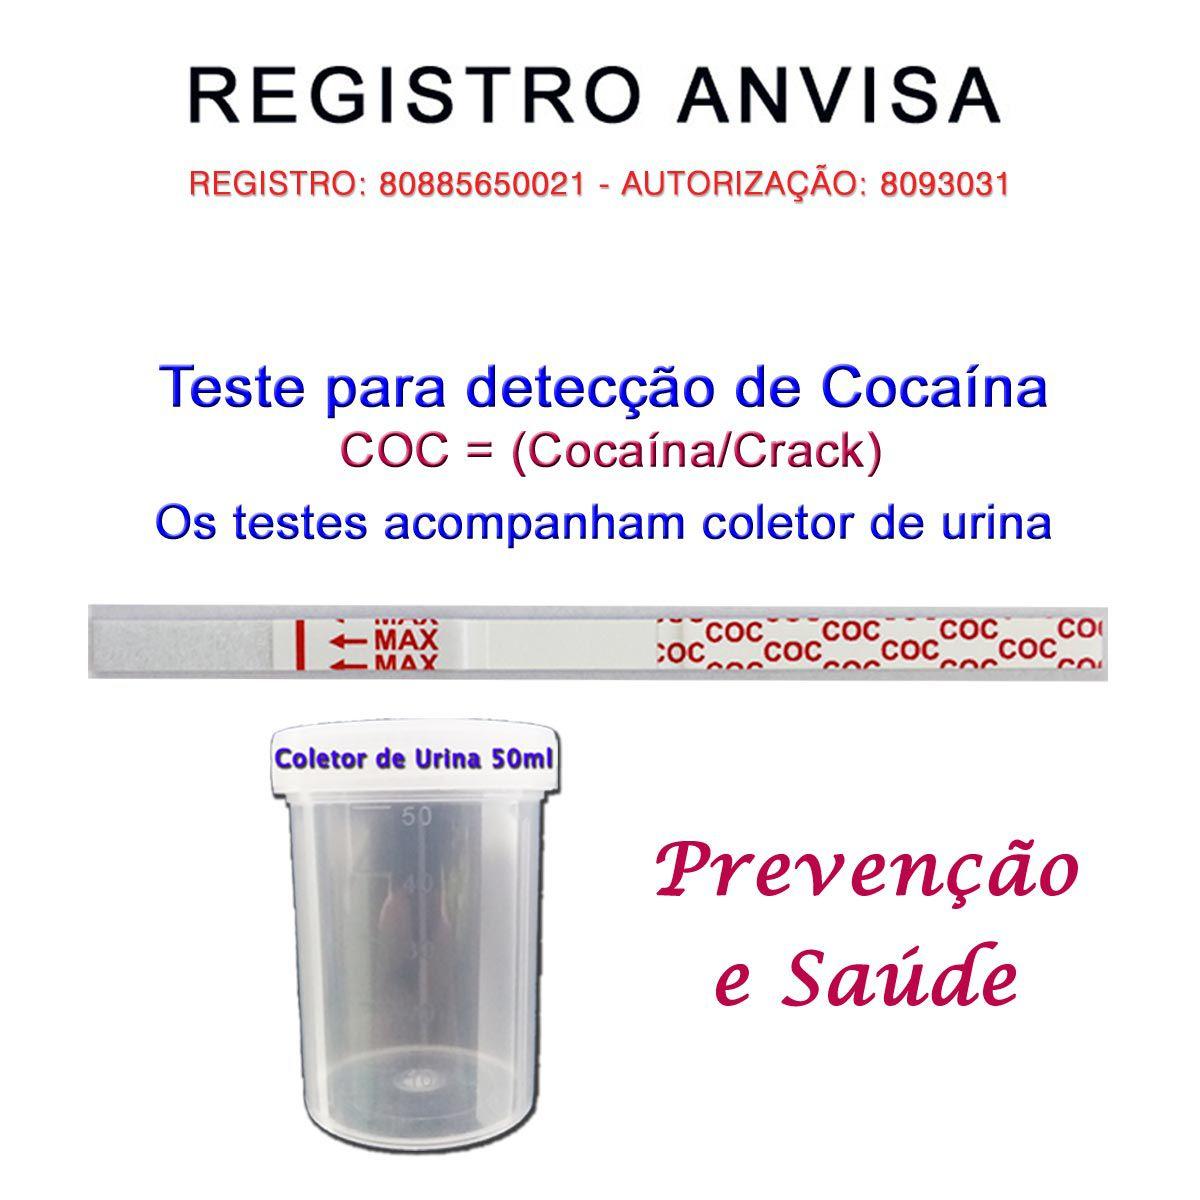 10 Kits para teste de COC-CRACK  - Testes Para Drogas e COVID-19. Máscaras e Como Parar de Beber e Fumar